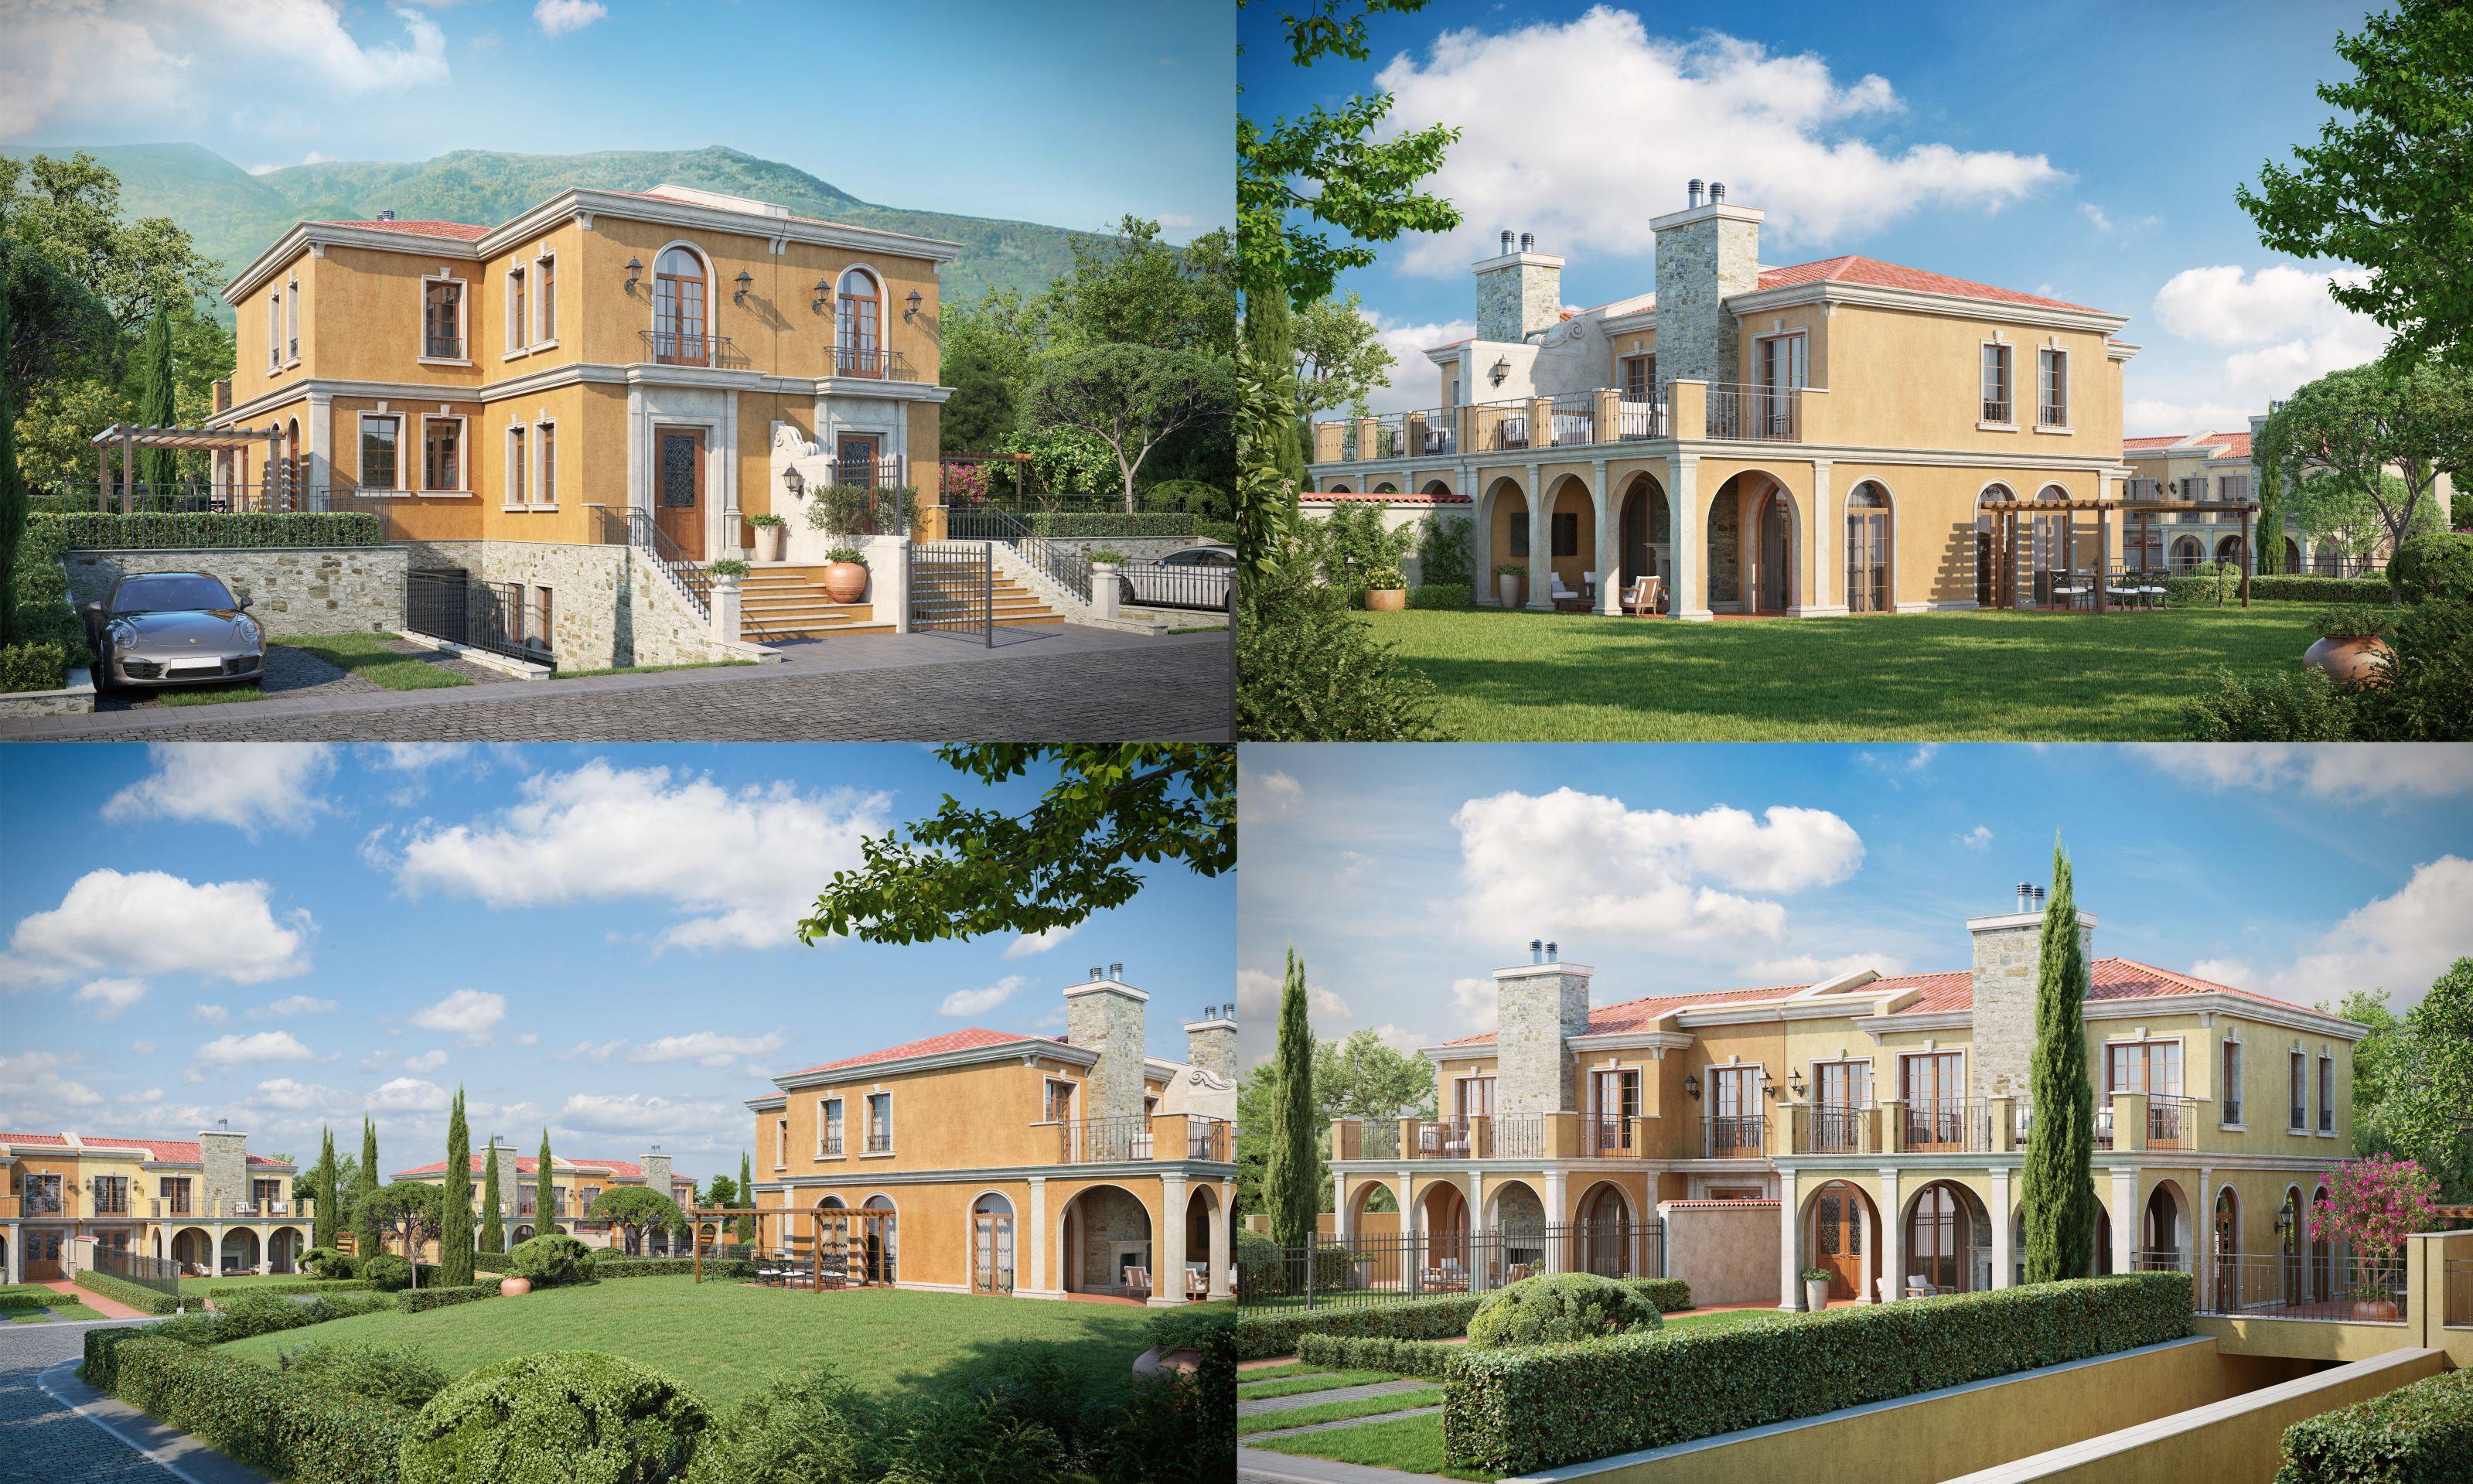 IKO мембрани в основите на изграждащия се стилен комплекс в северното разширение на Драгалевци, София